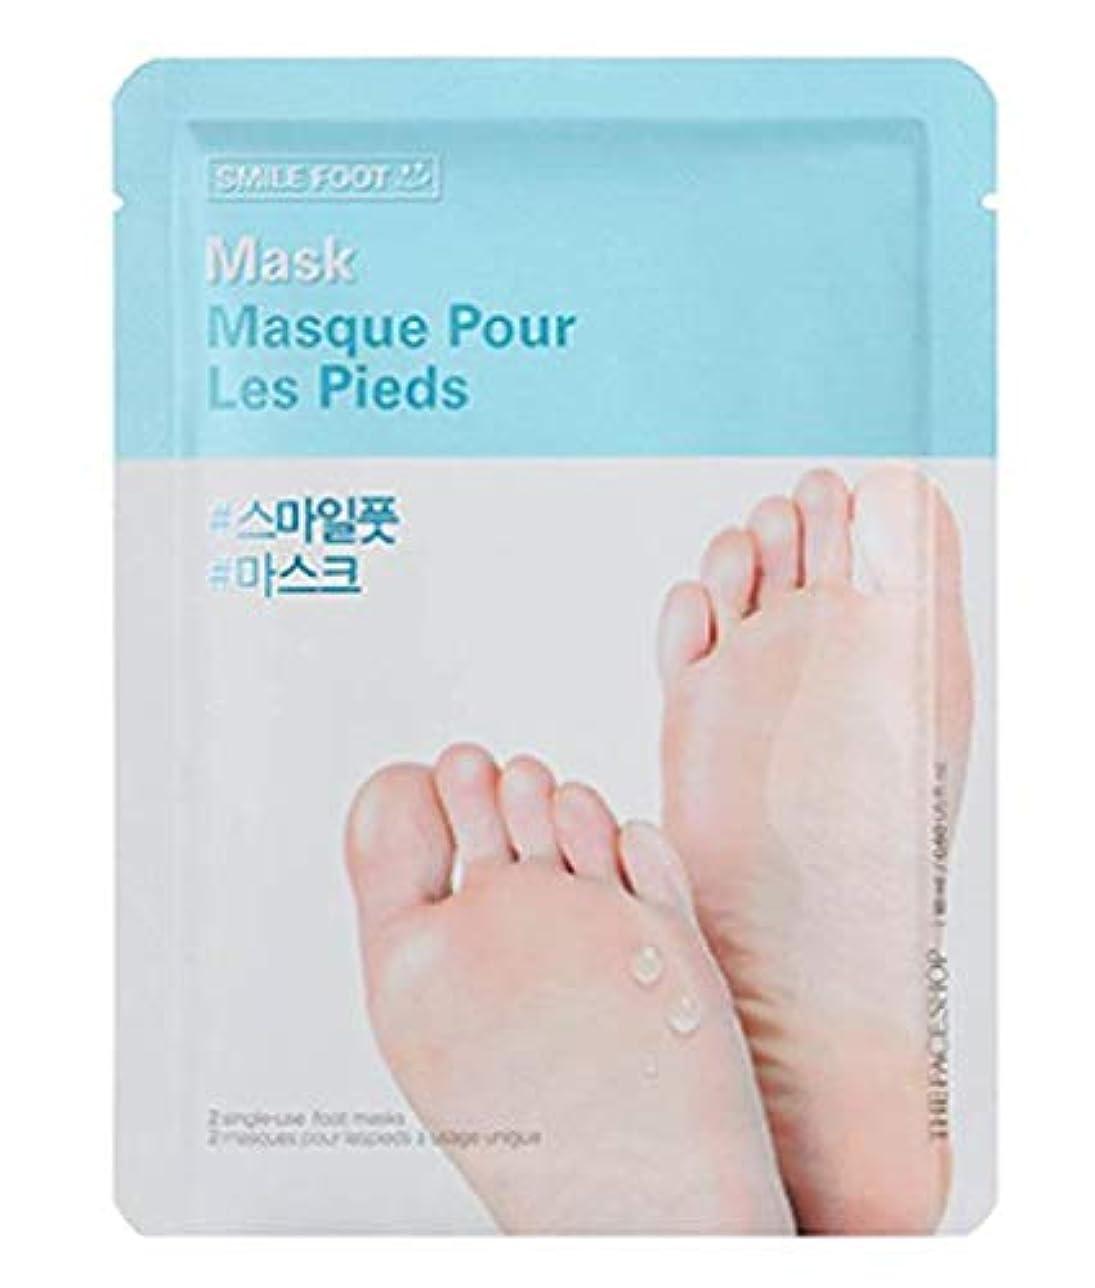 レルム懇願する寝てるTHE FACE SHOP Smile Foot Mask 3p ザフェイスショップ スマイル フットマスク 3枚 [並行輸入品]